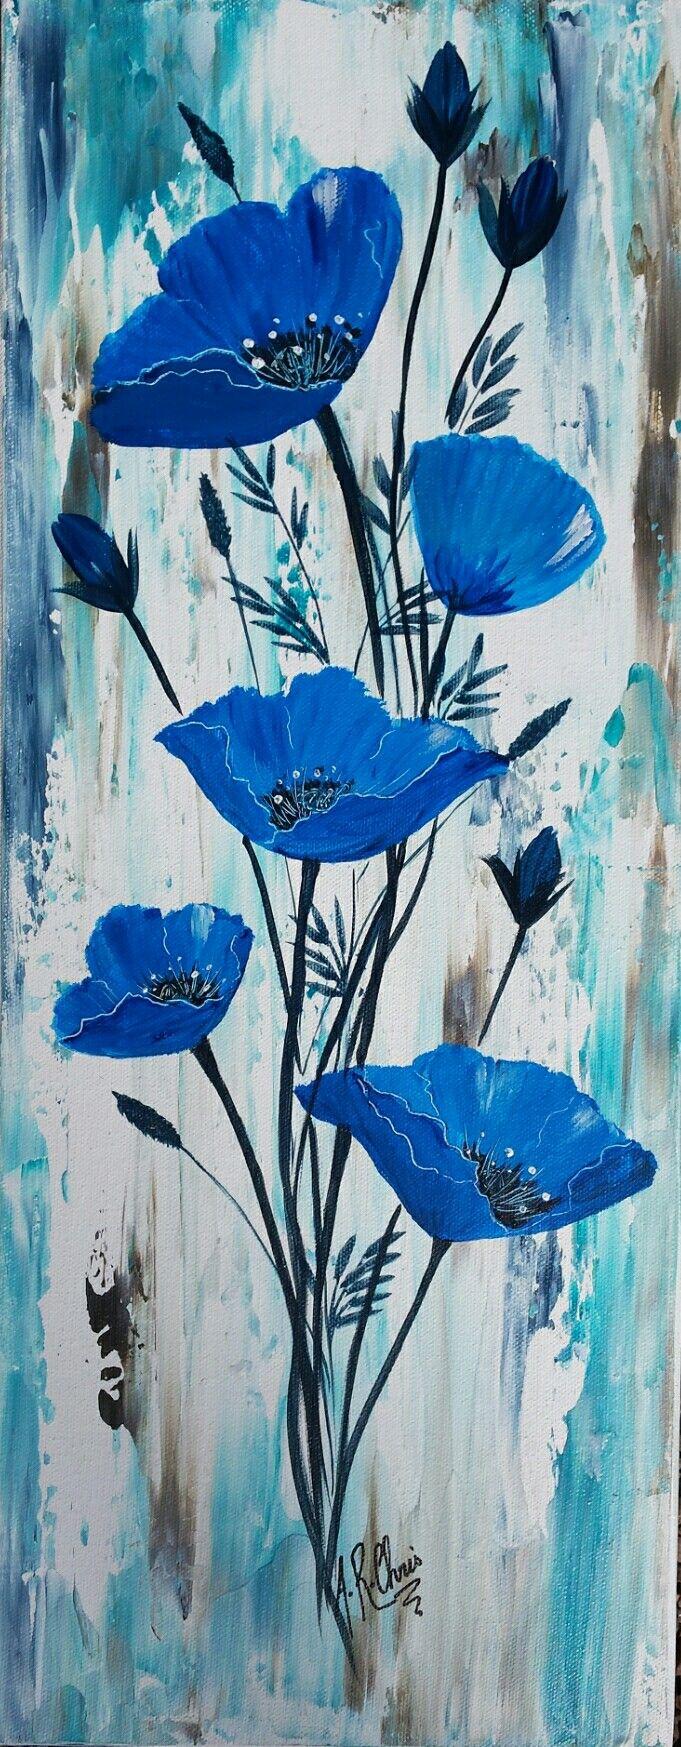 En Bleu Peinture Acrylique Sur Toile 30x80 By Raffin Christine